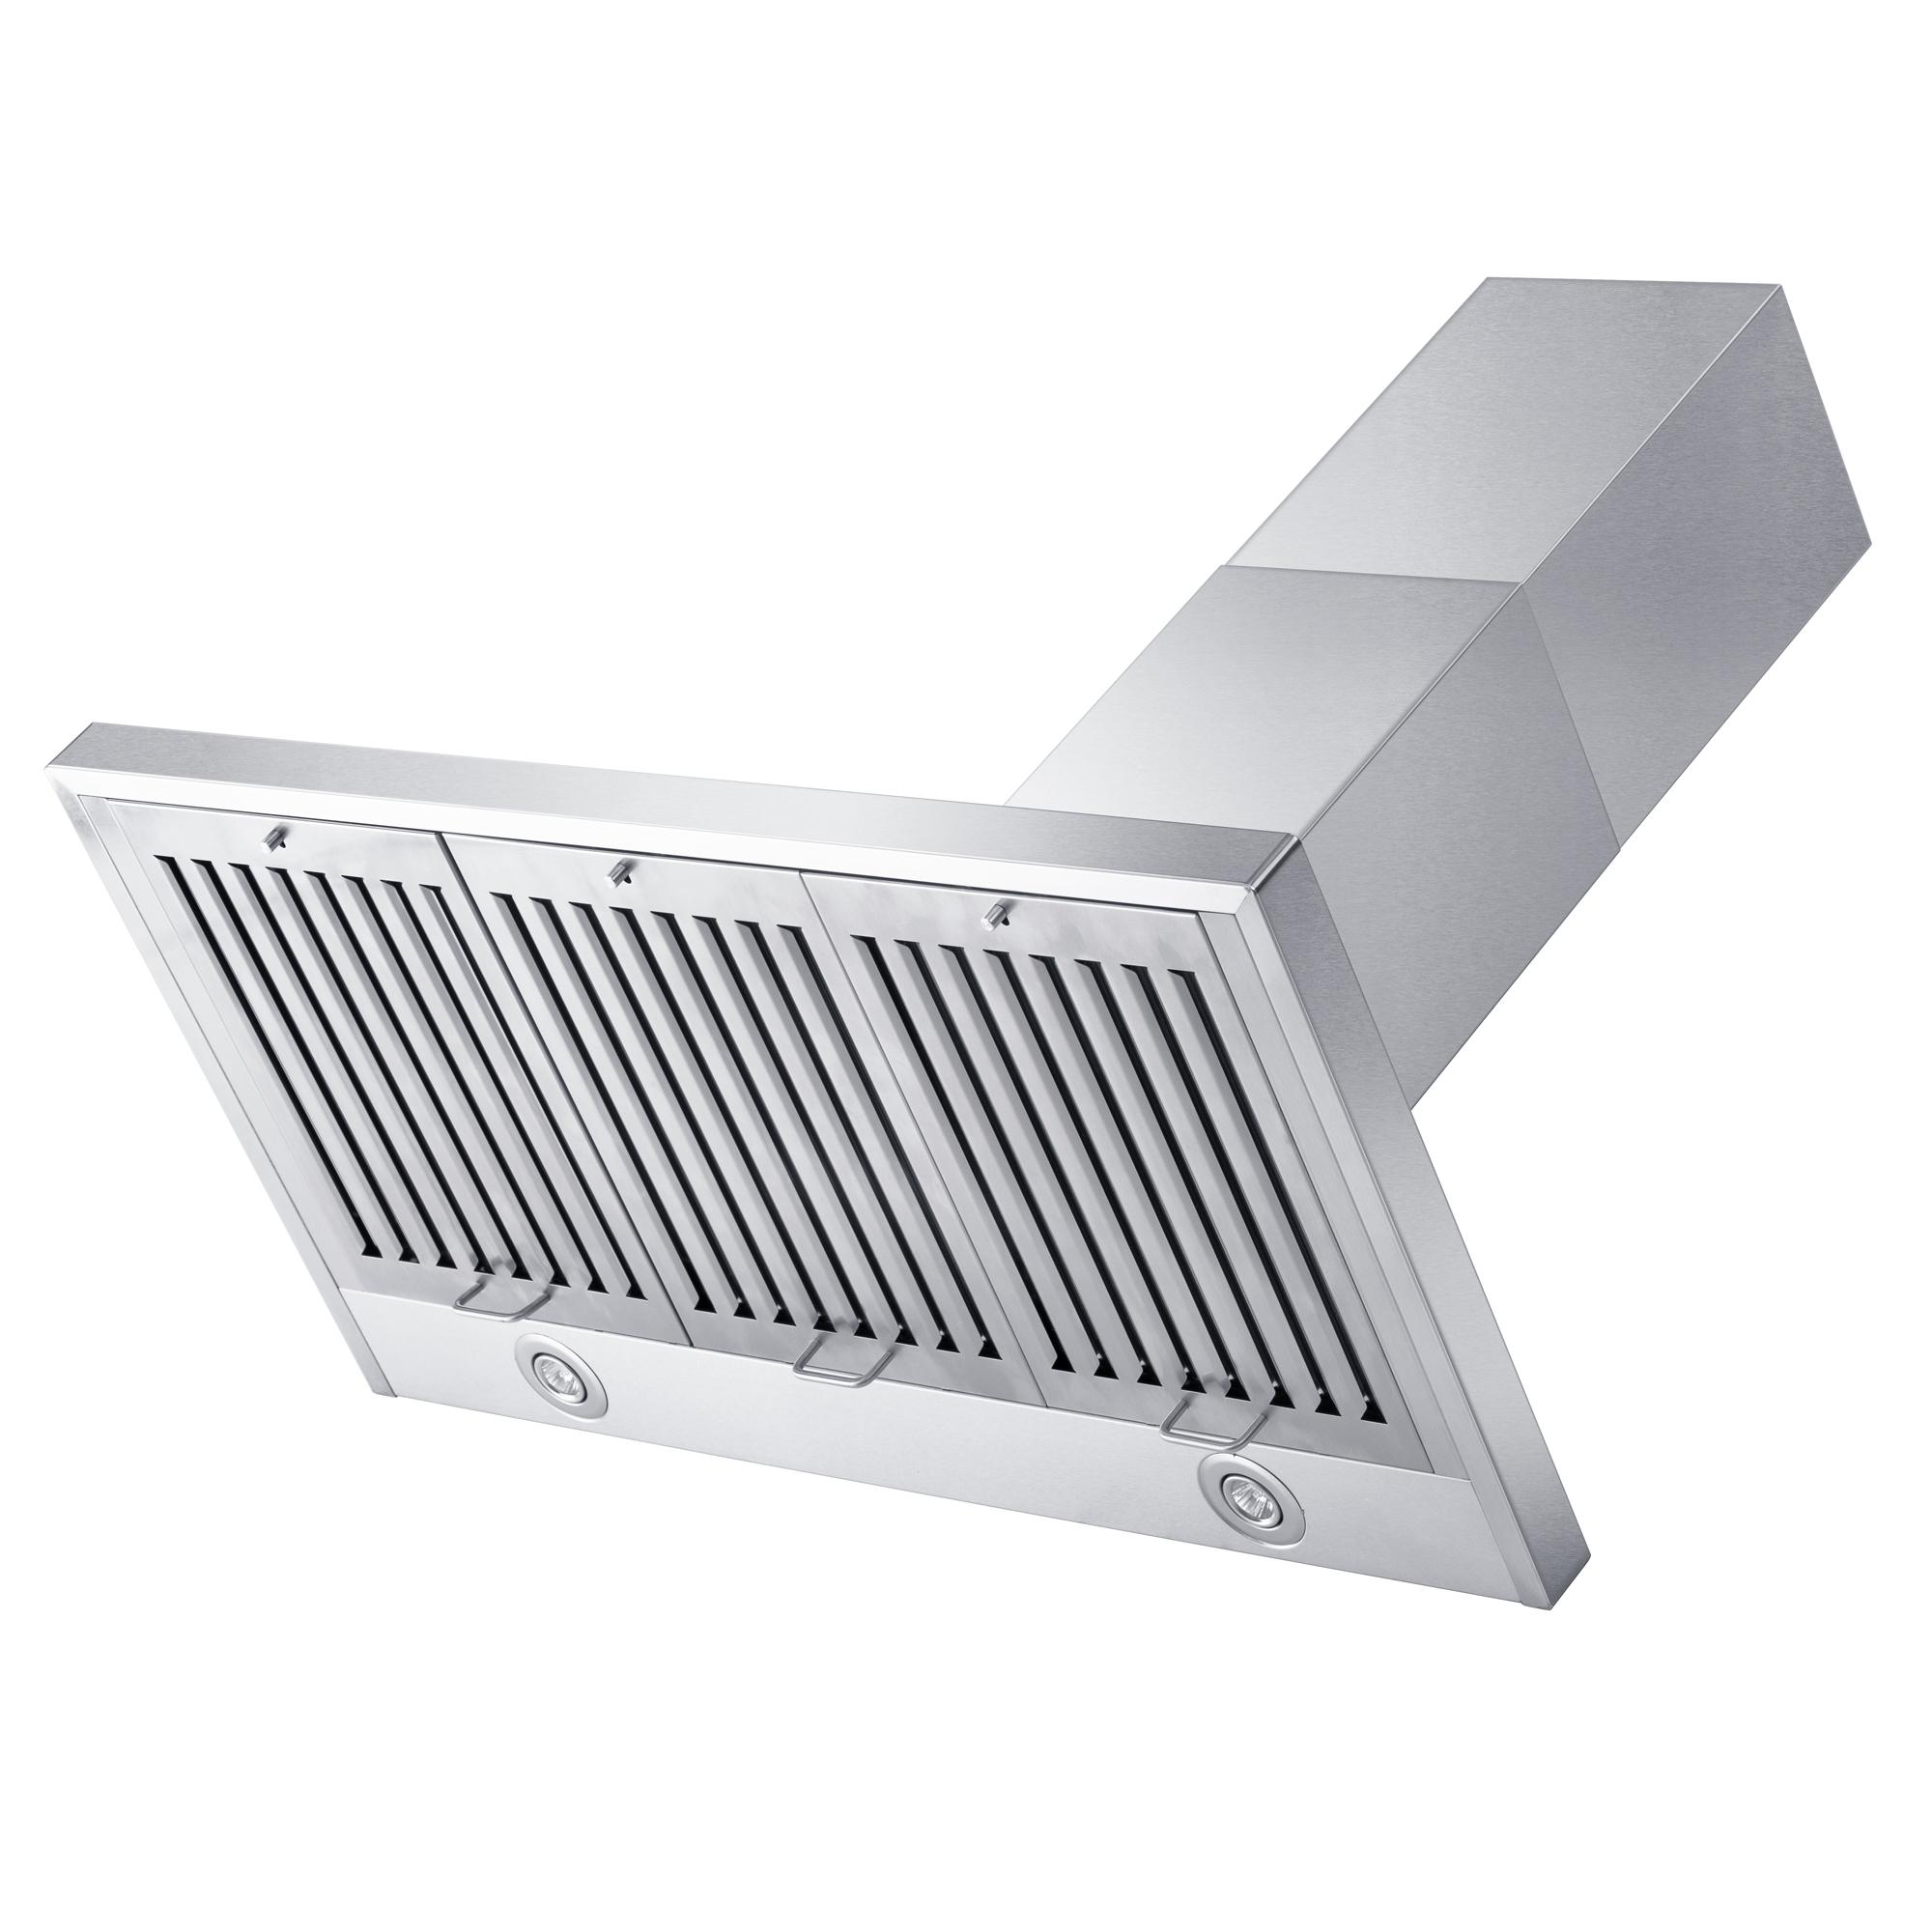 zline-stainless-steel-wall-mounted-range-hood-KL2-new-side-bottom.jpg